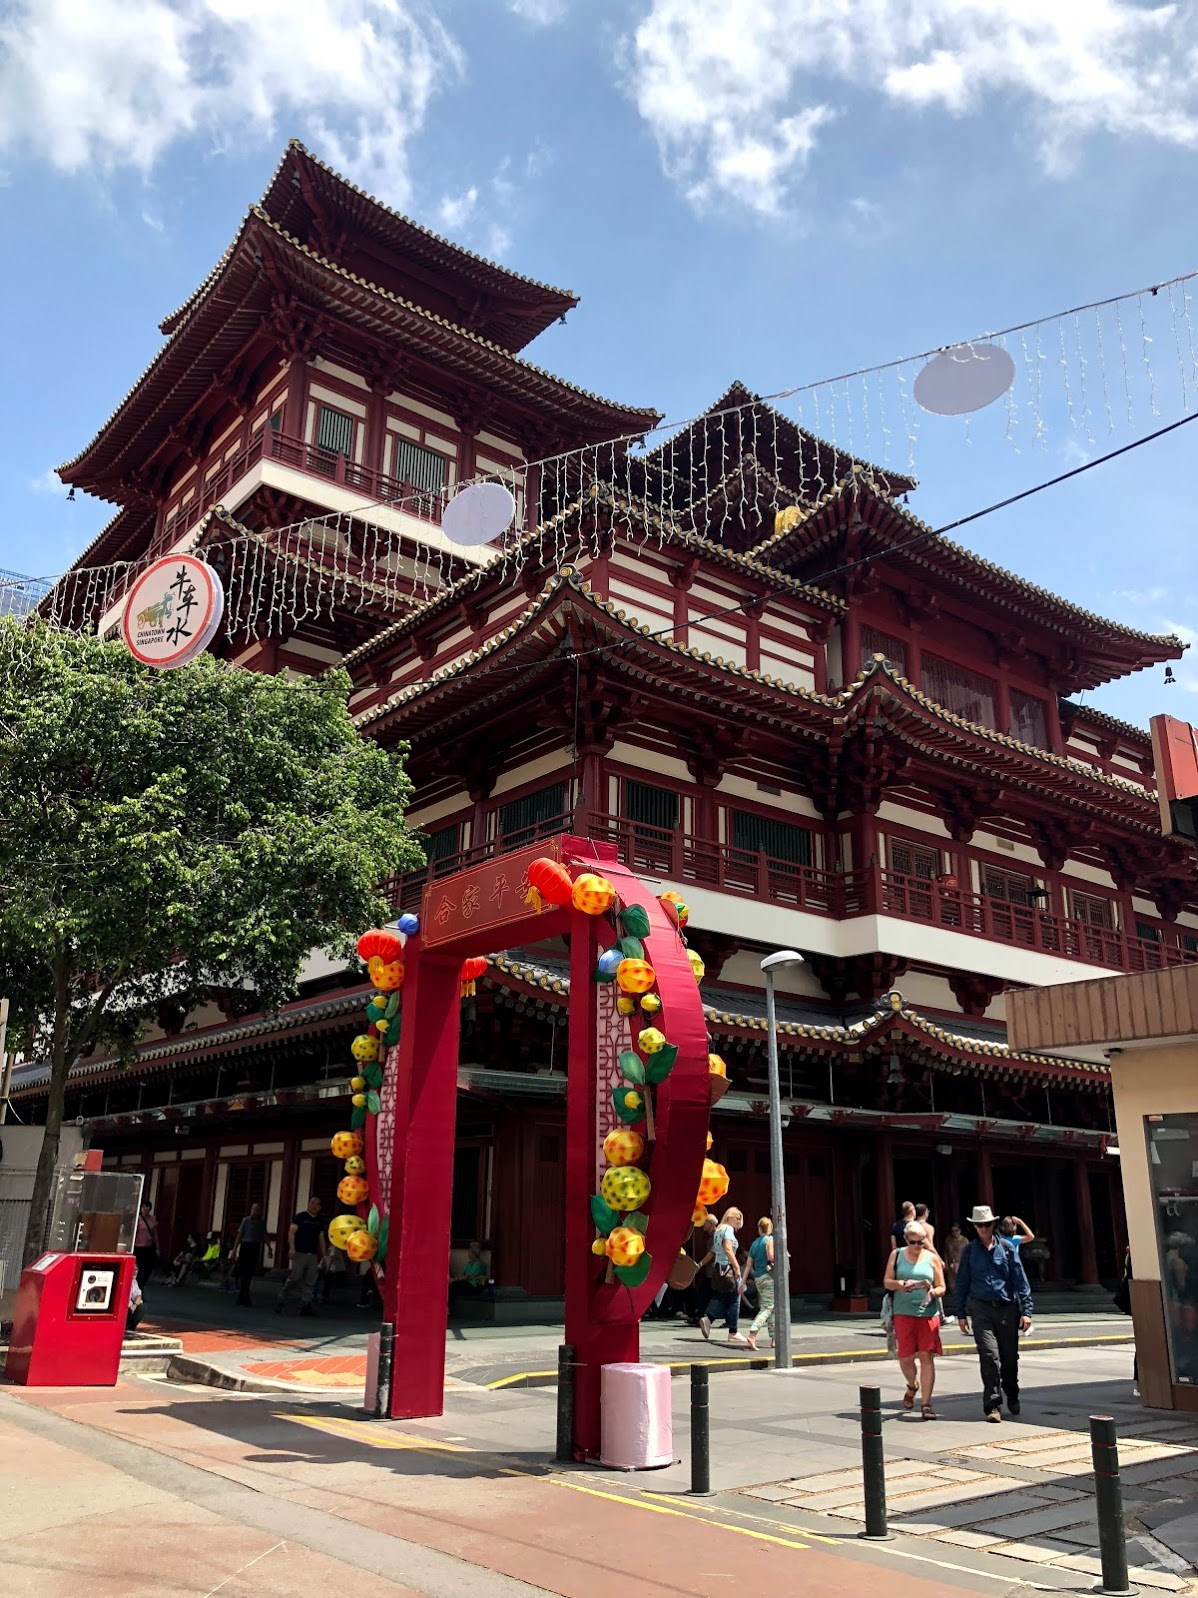 Me encontré con el Templo de la Reliquia del Diente de Buda de repente. Era un templo muy bello que es más grande de lo que se aparece.